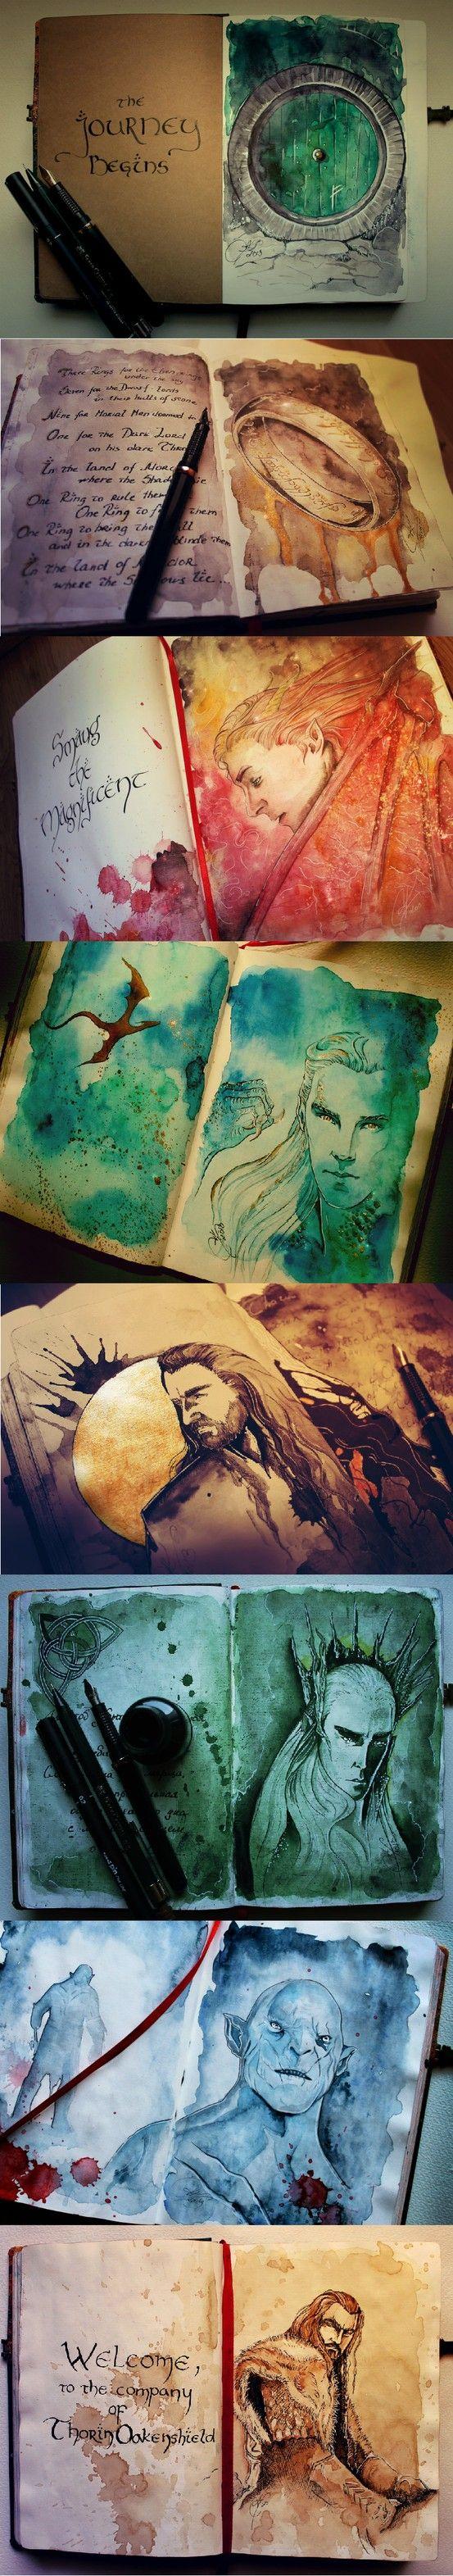 Hobbit artwork O Benedict caraterizado: ai meu deus, que lindo ♥-♥